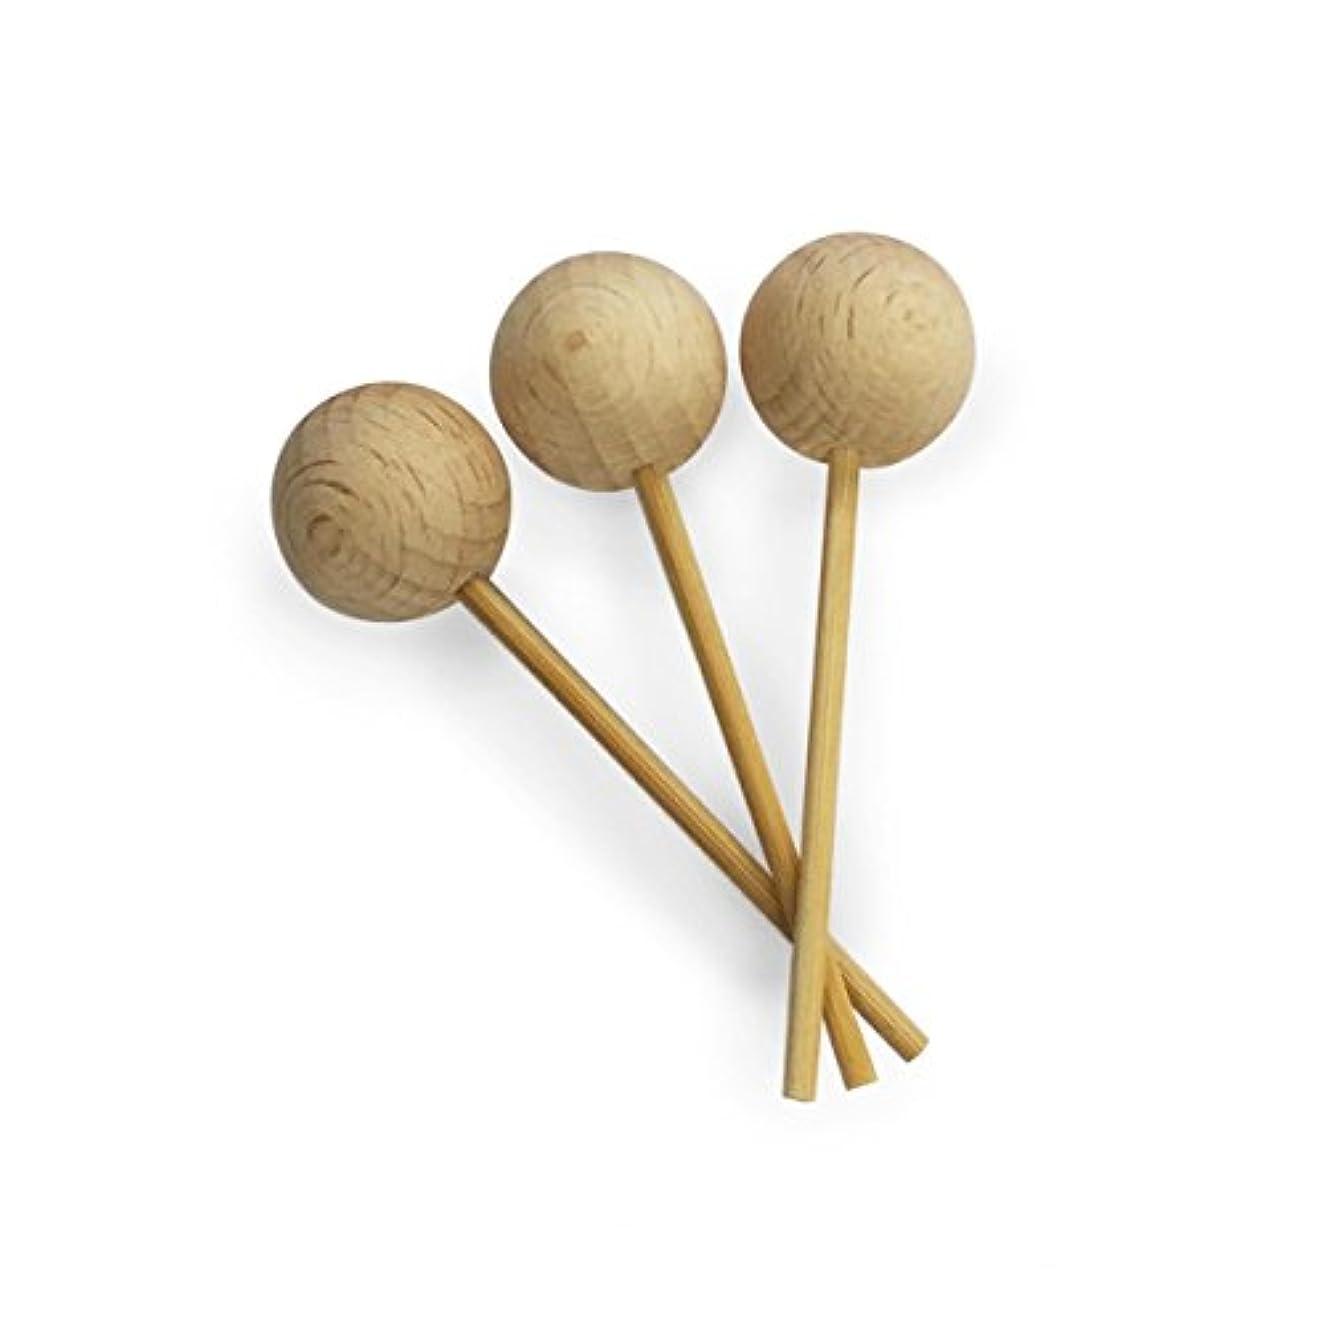 乏しい出血感じるカリス成城 アロマ芳香器 木のお家 交換用木製スティック3本入